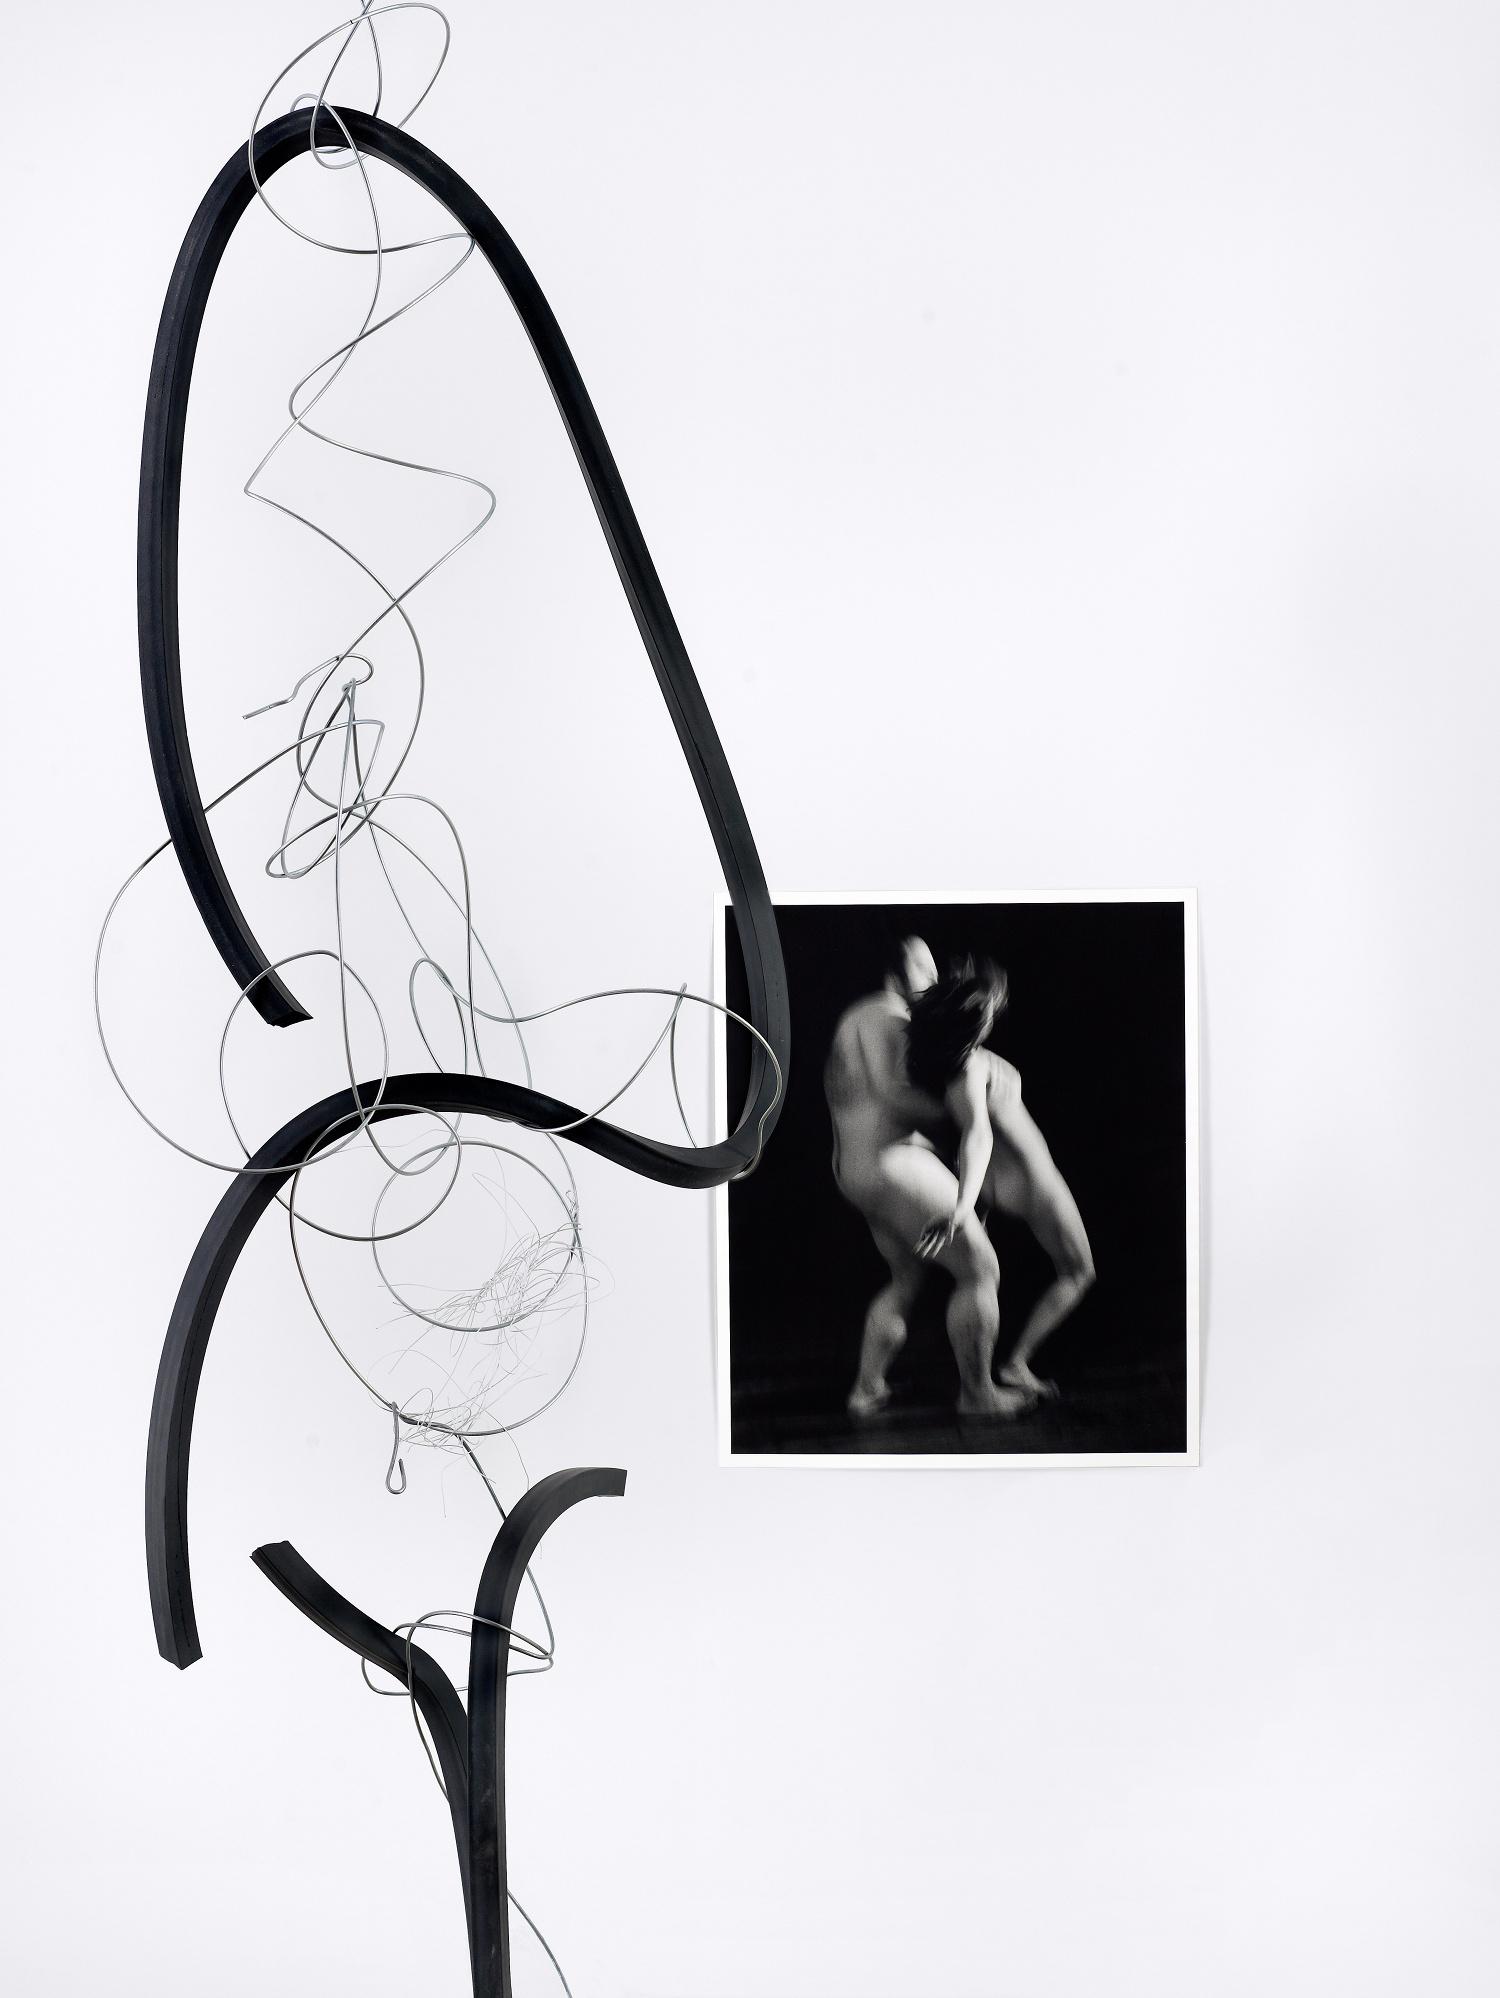 Fils de fer suspendus (2012), au premier plan, et Holly et Valéria (1998)